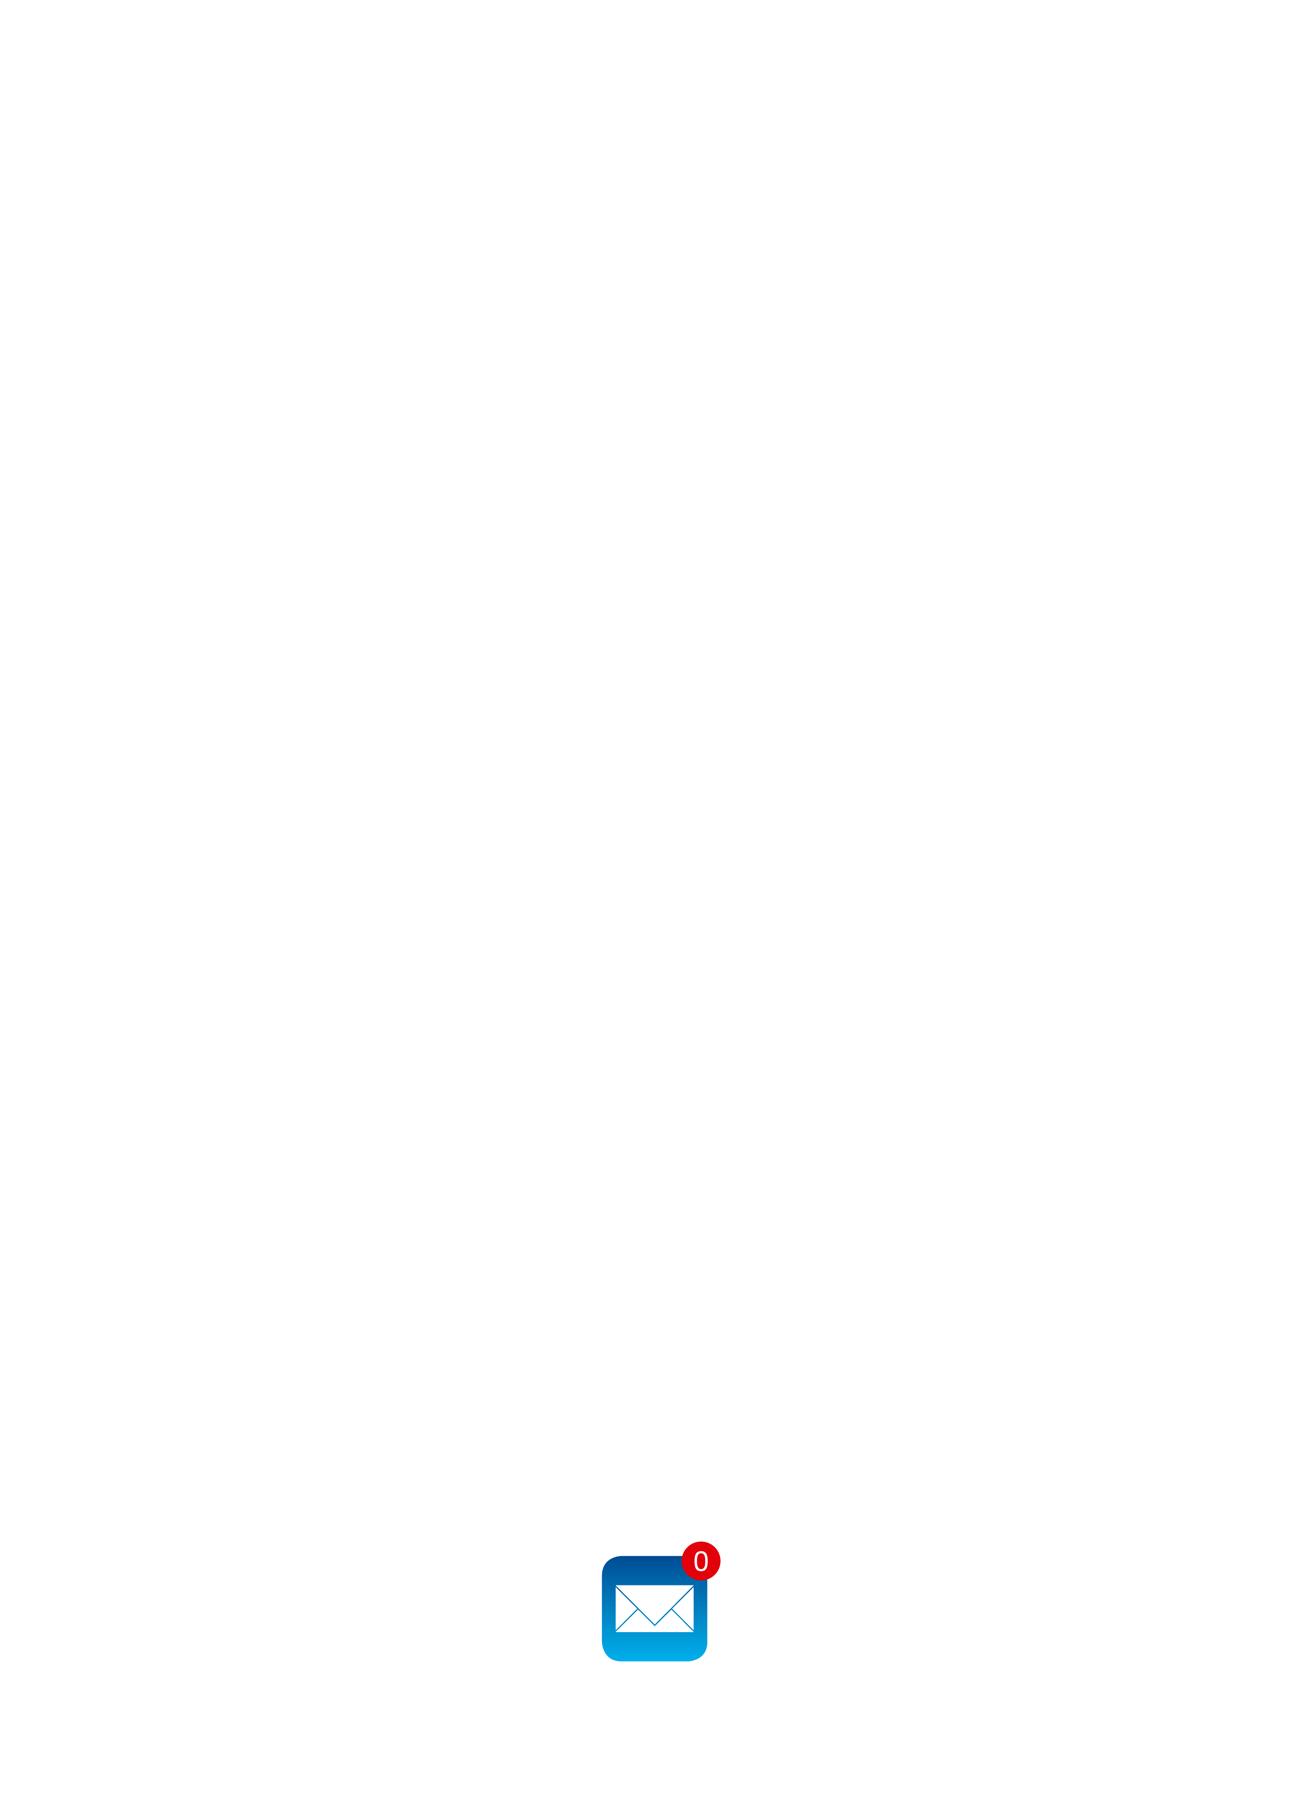 artwork_page_ranking_2017_think_loved_gute_nachrichten